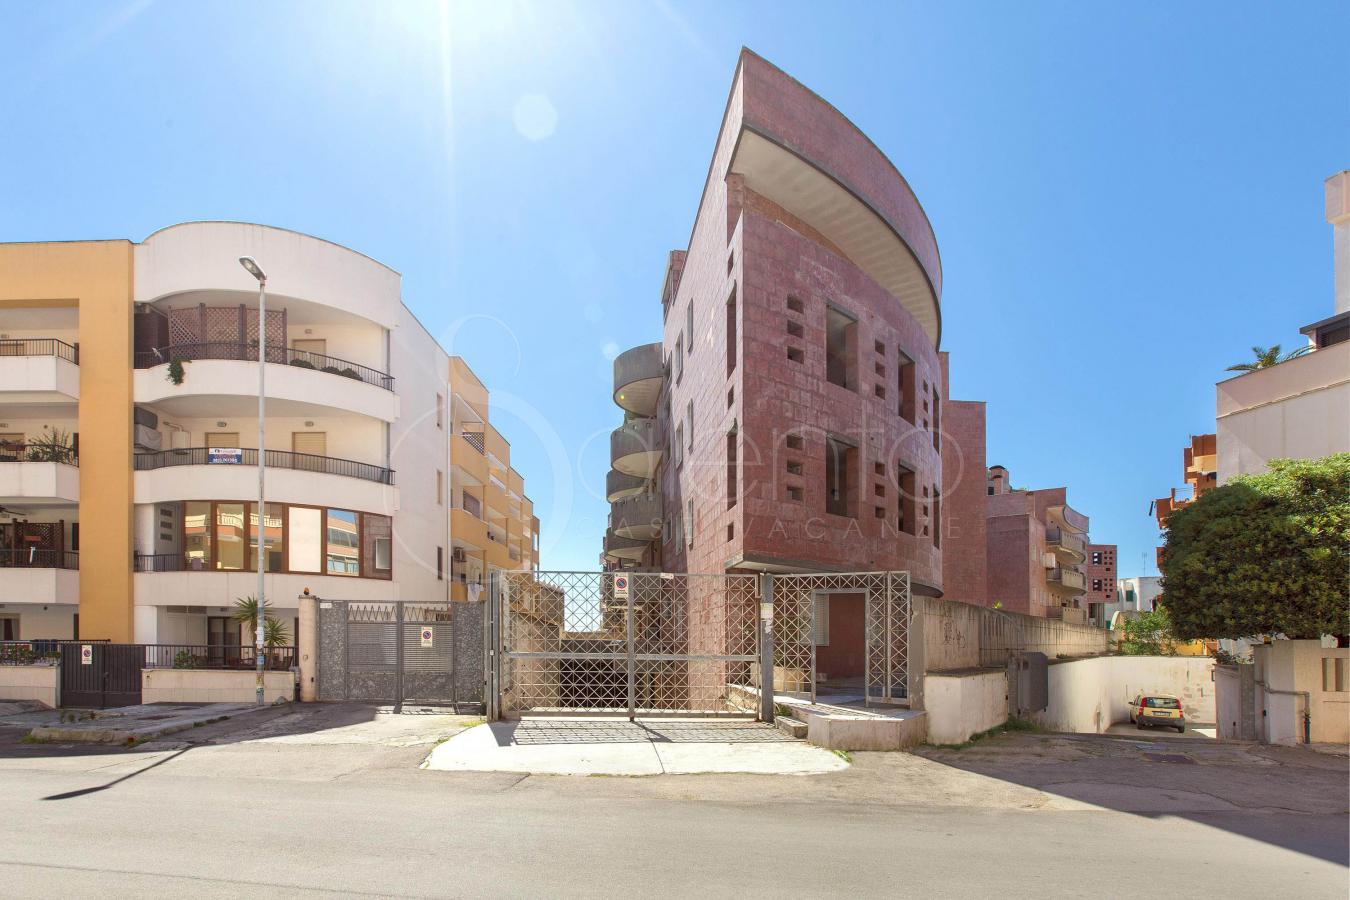 case vacanze - Lido San Giovanni ( Gallipoli ) - Appartamento Rossella